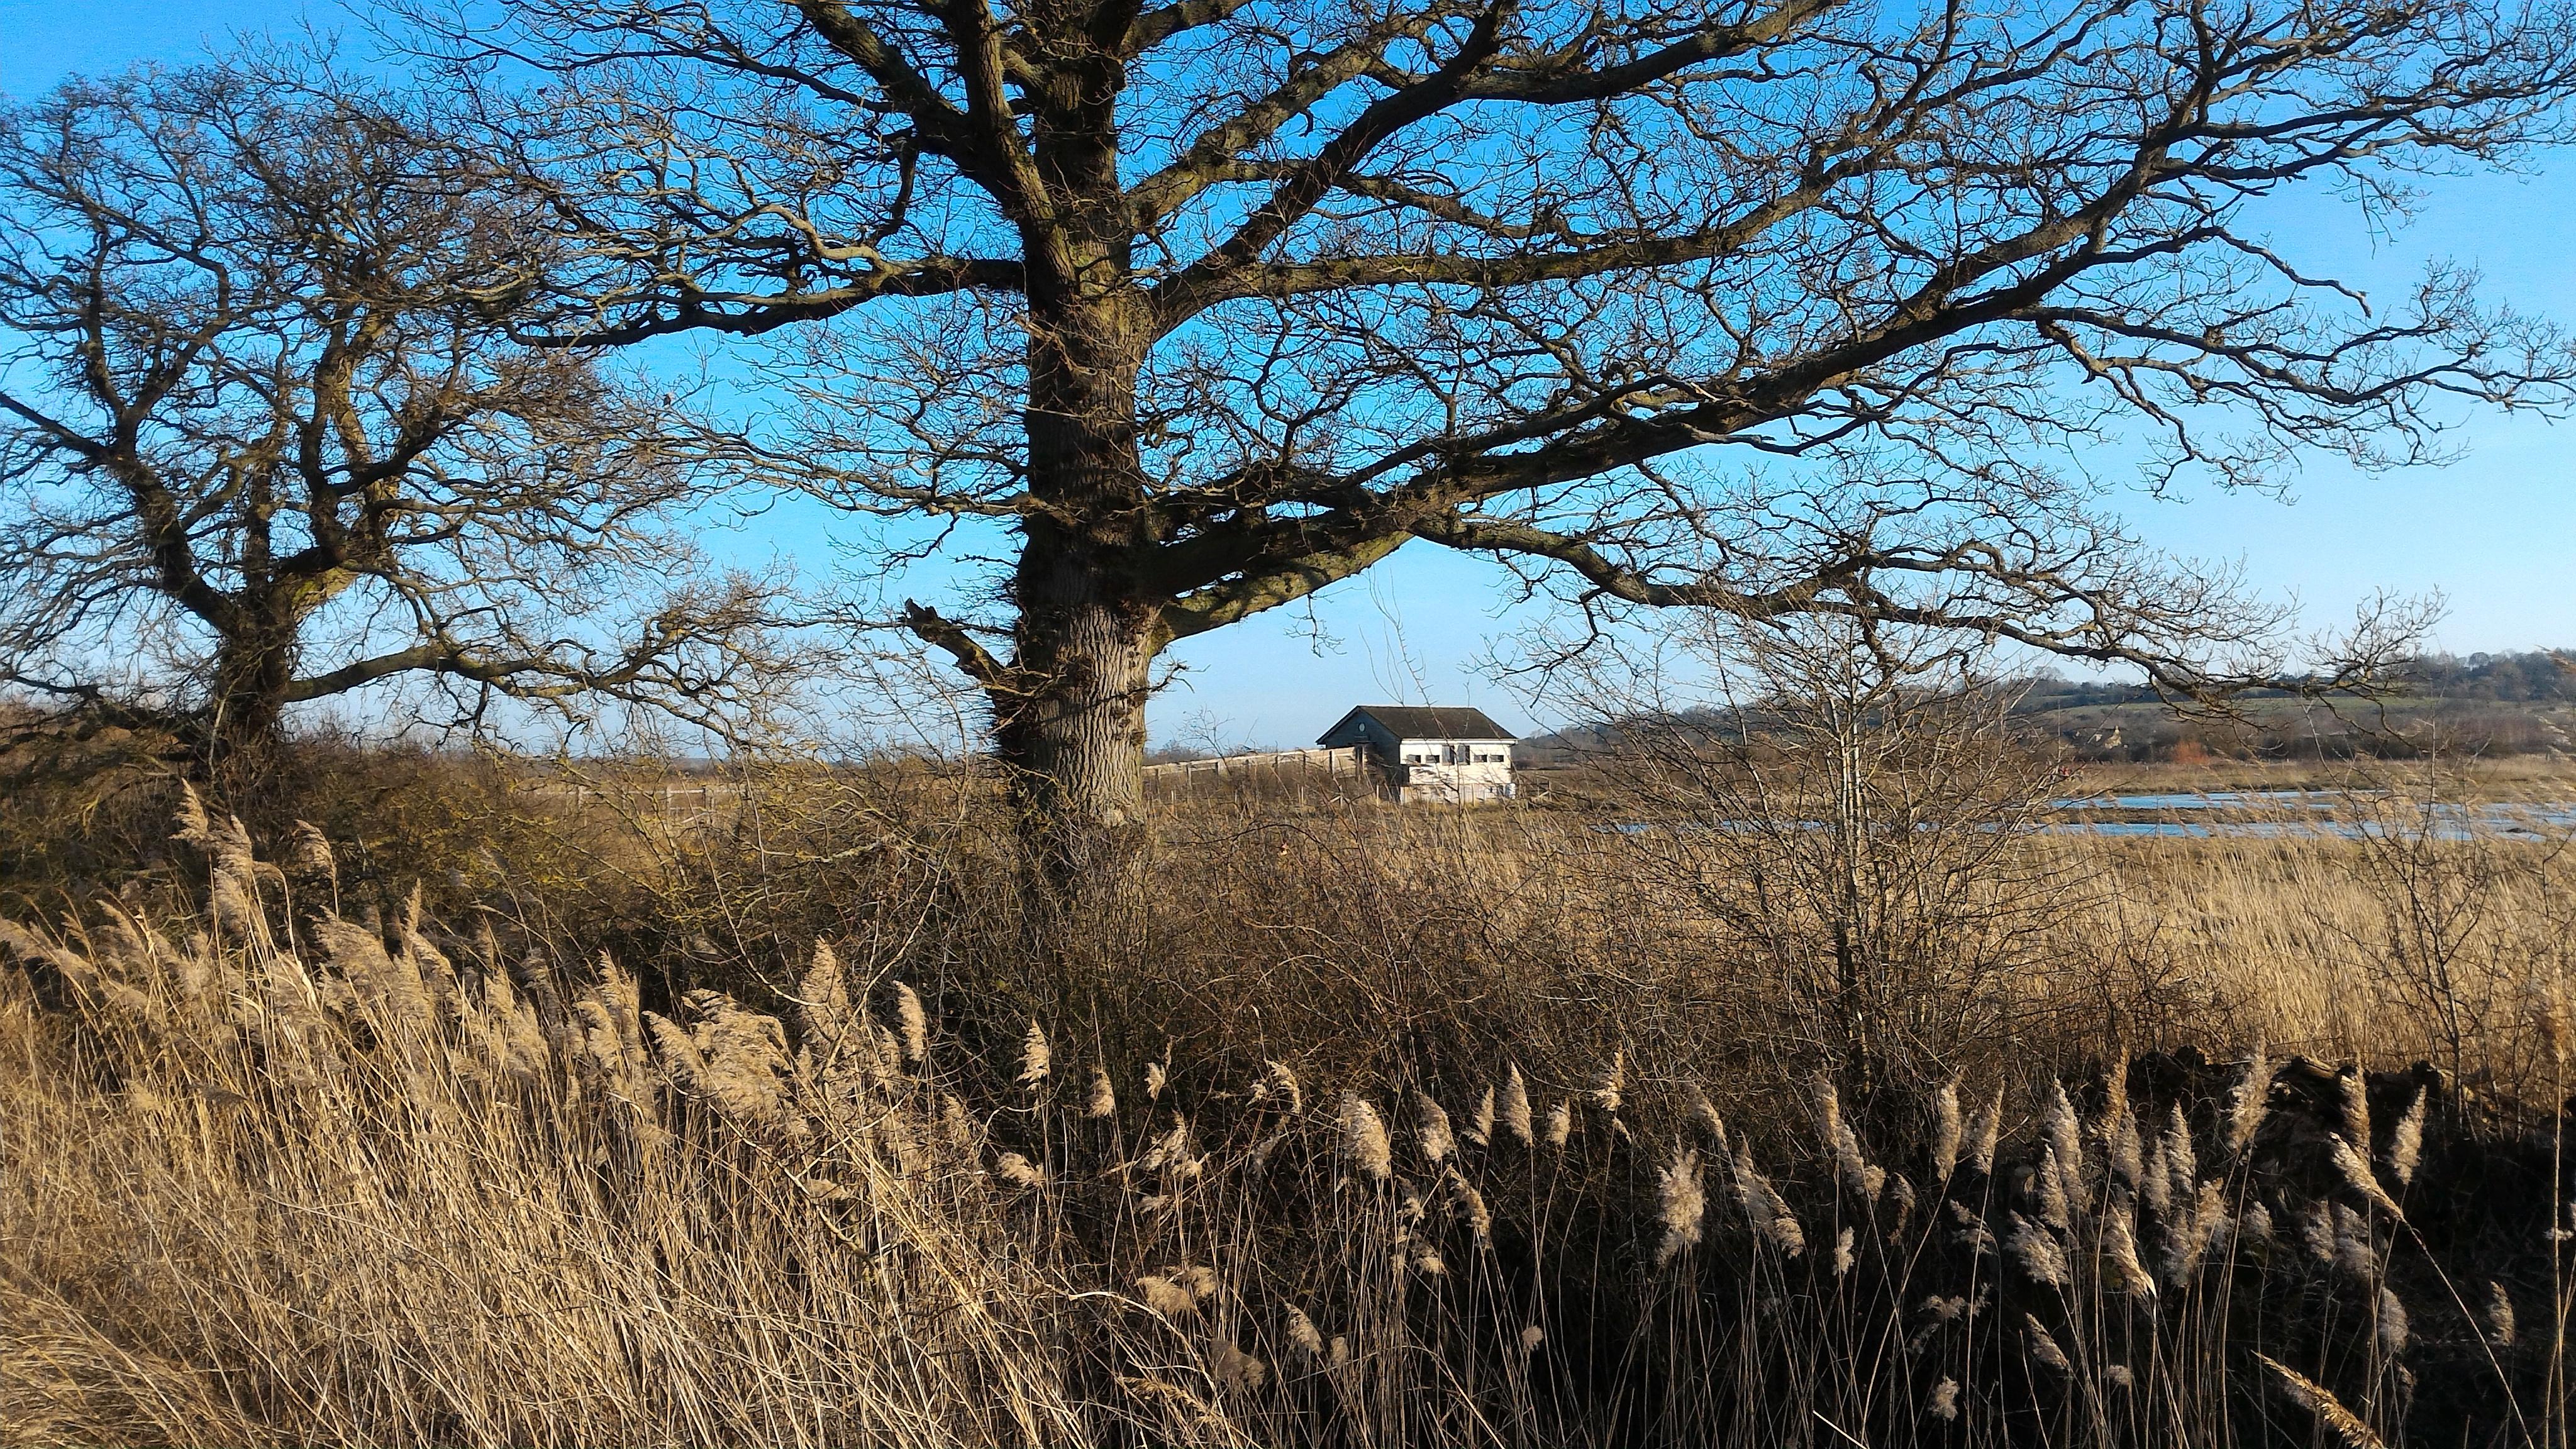 cabane d'observation des oiseaux photographiée au retour